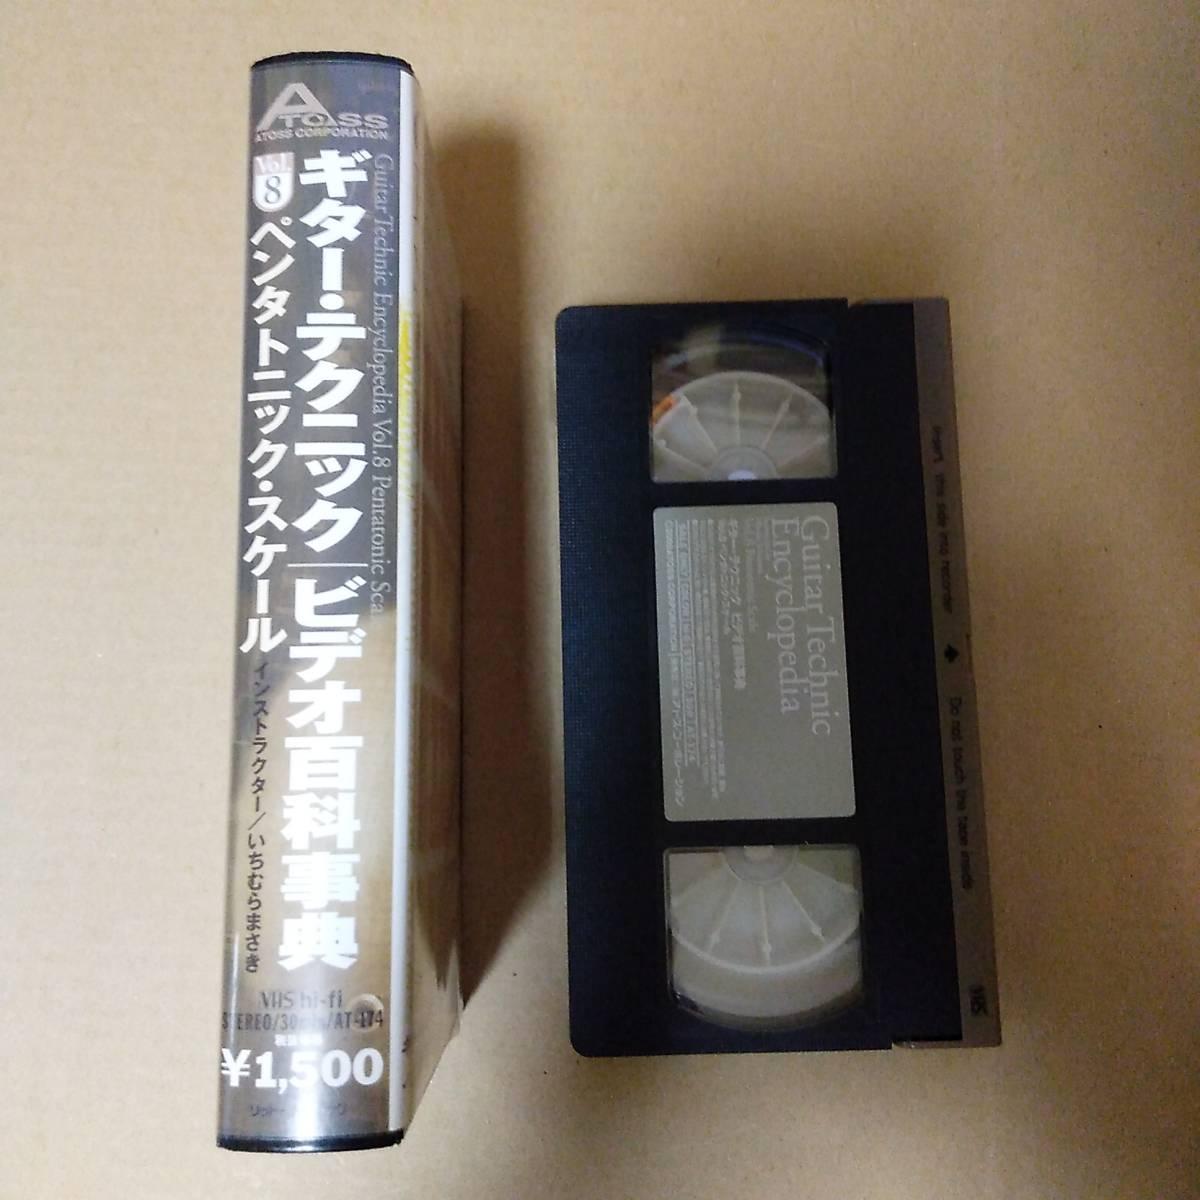 いちむらまさき ギターテクニック ビデオ百科事典 ペンタトニックスケール ギター教則ビデオ VHS ビデオ_画像3